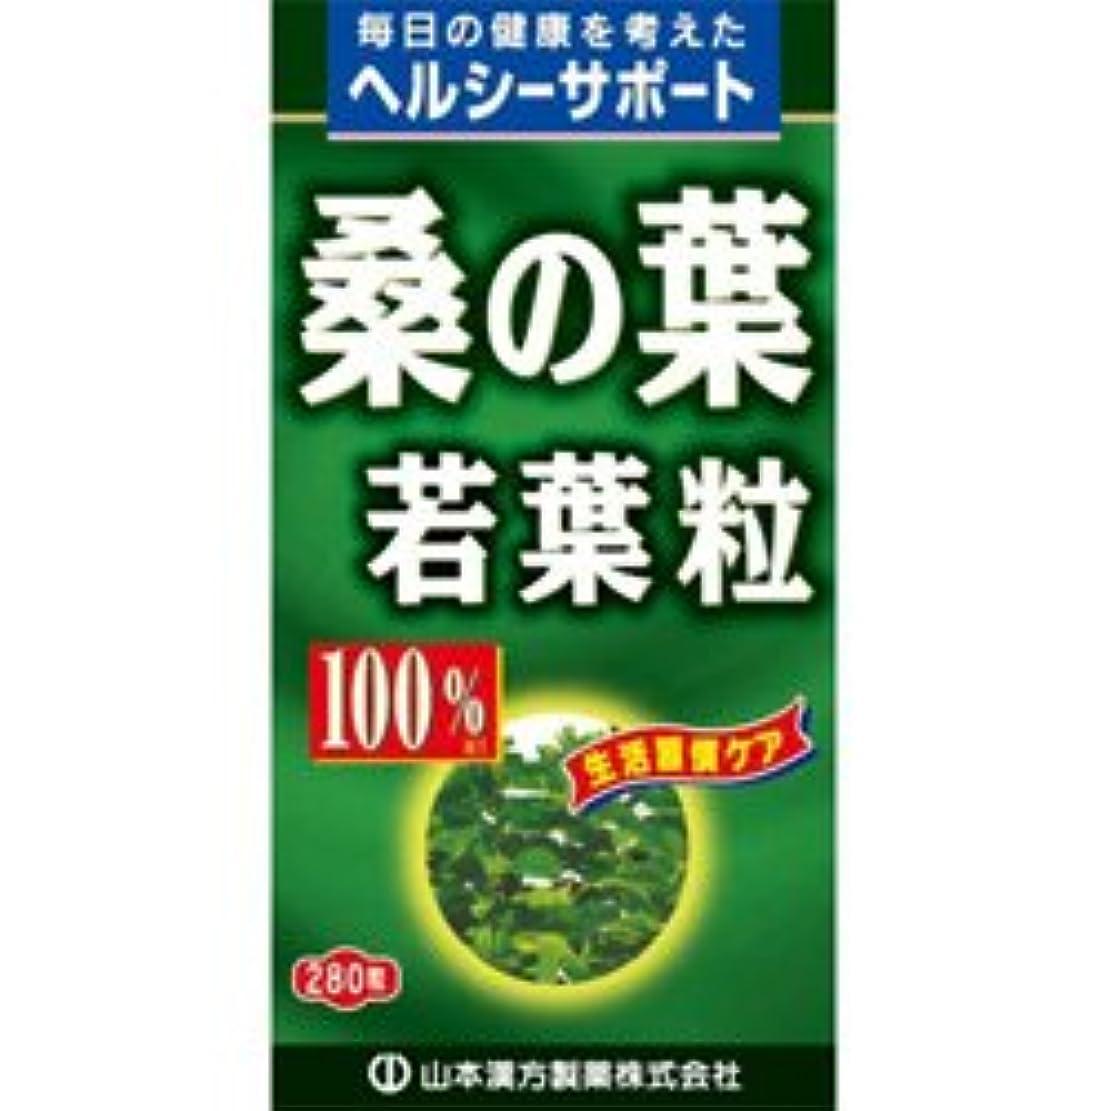 旋回好意ホップ【山本漢方製薬】桑の葉粒 100% 280粒 ×10個セット